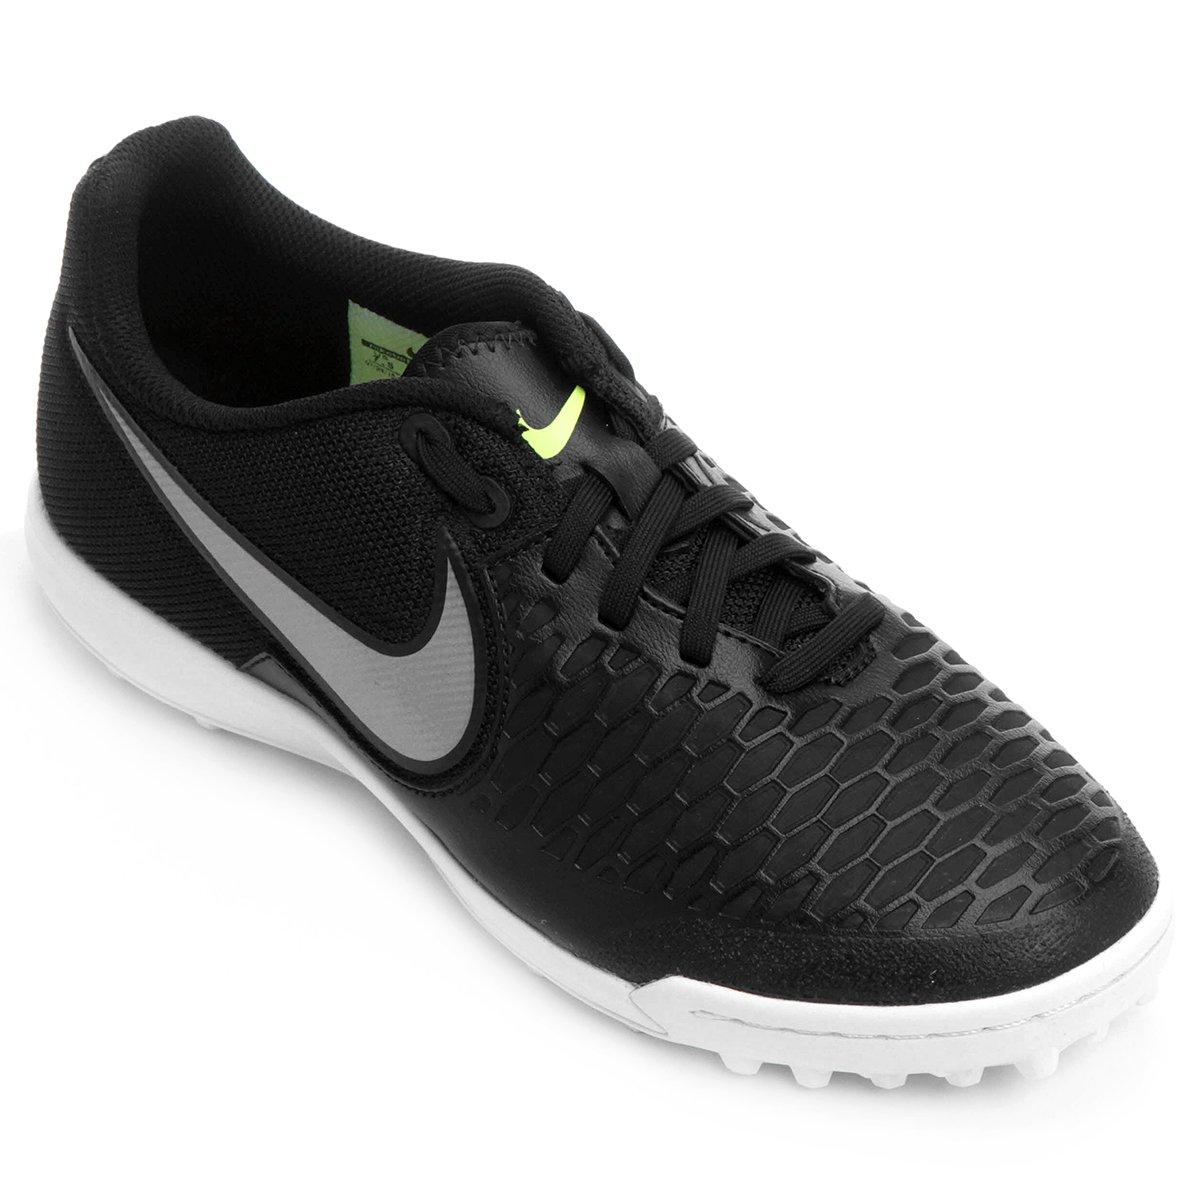 d9e818851a74e Chuteira Society Nike Magista X Pro TF - Compre Agora